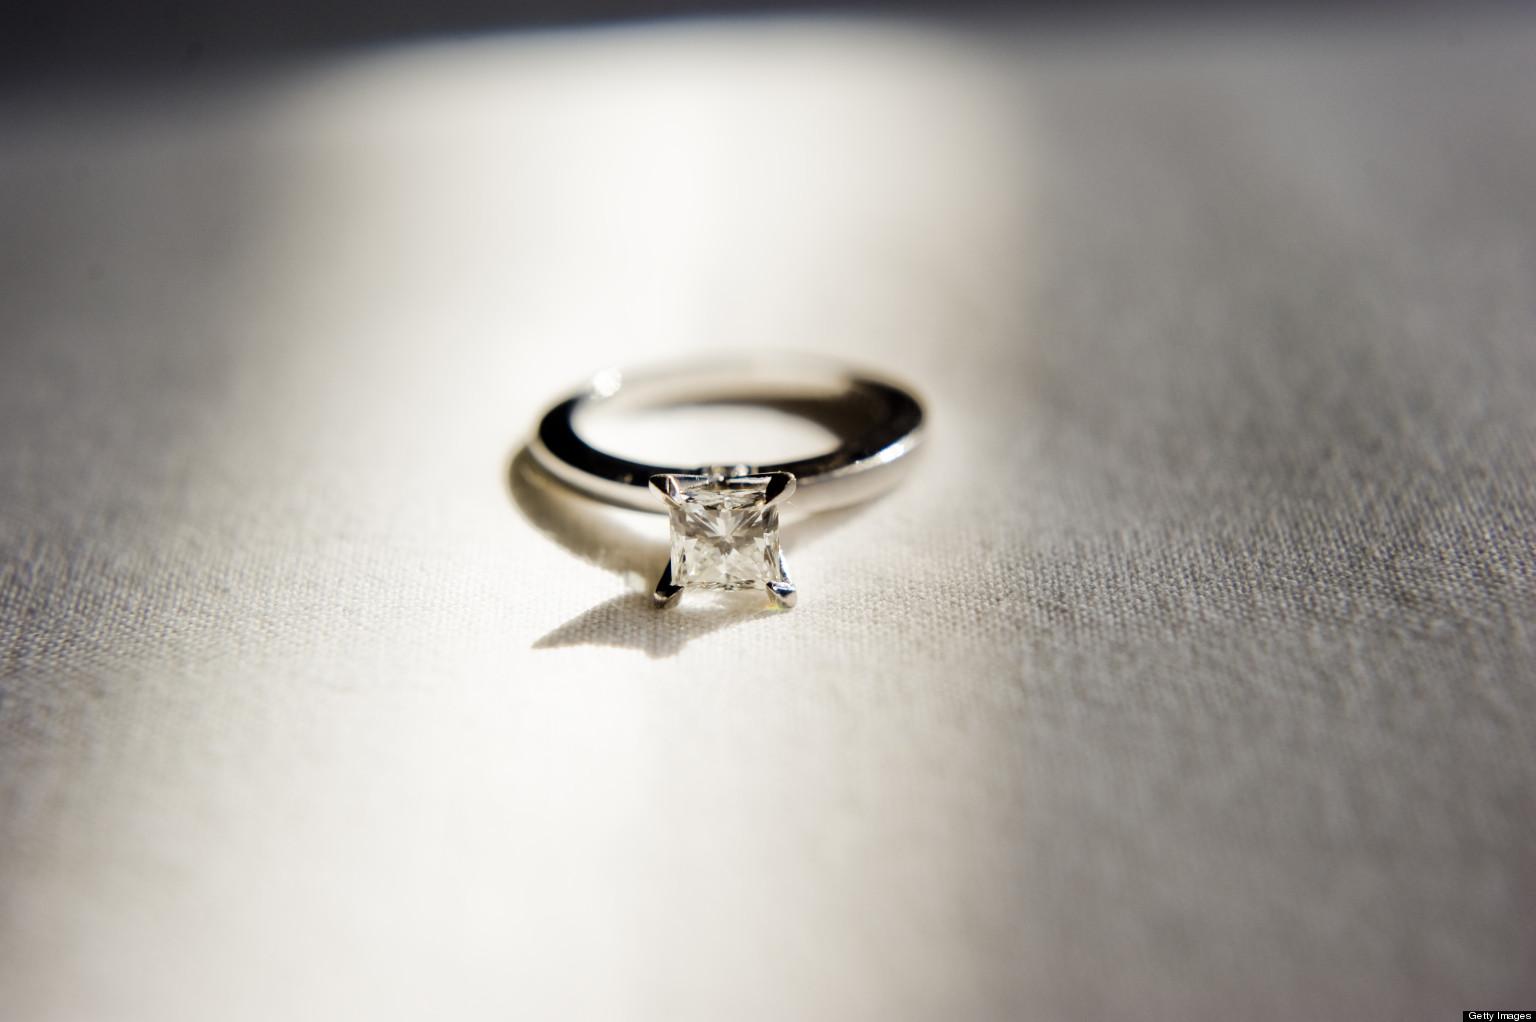 Splendent G Platinum Huffpost Wedding Ring Vs Engagement Ring Finger Wedding Ring Or Engagement Ring On wedding Wedding Ring Vs Engagement Ring